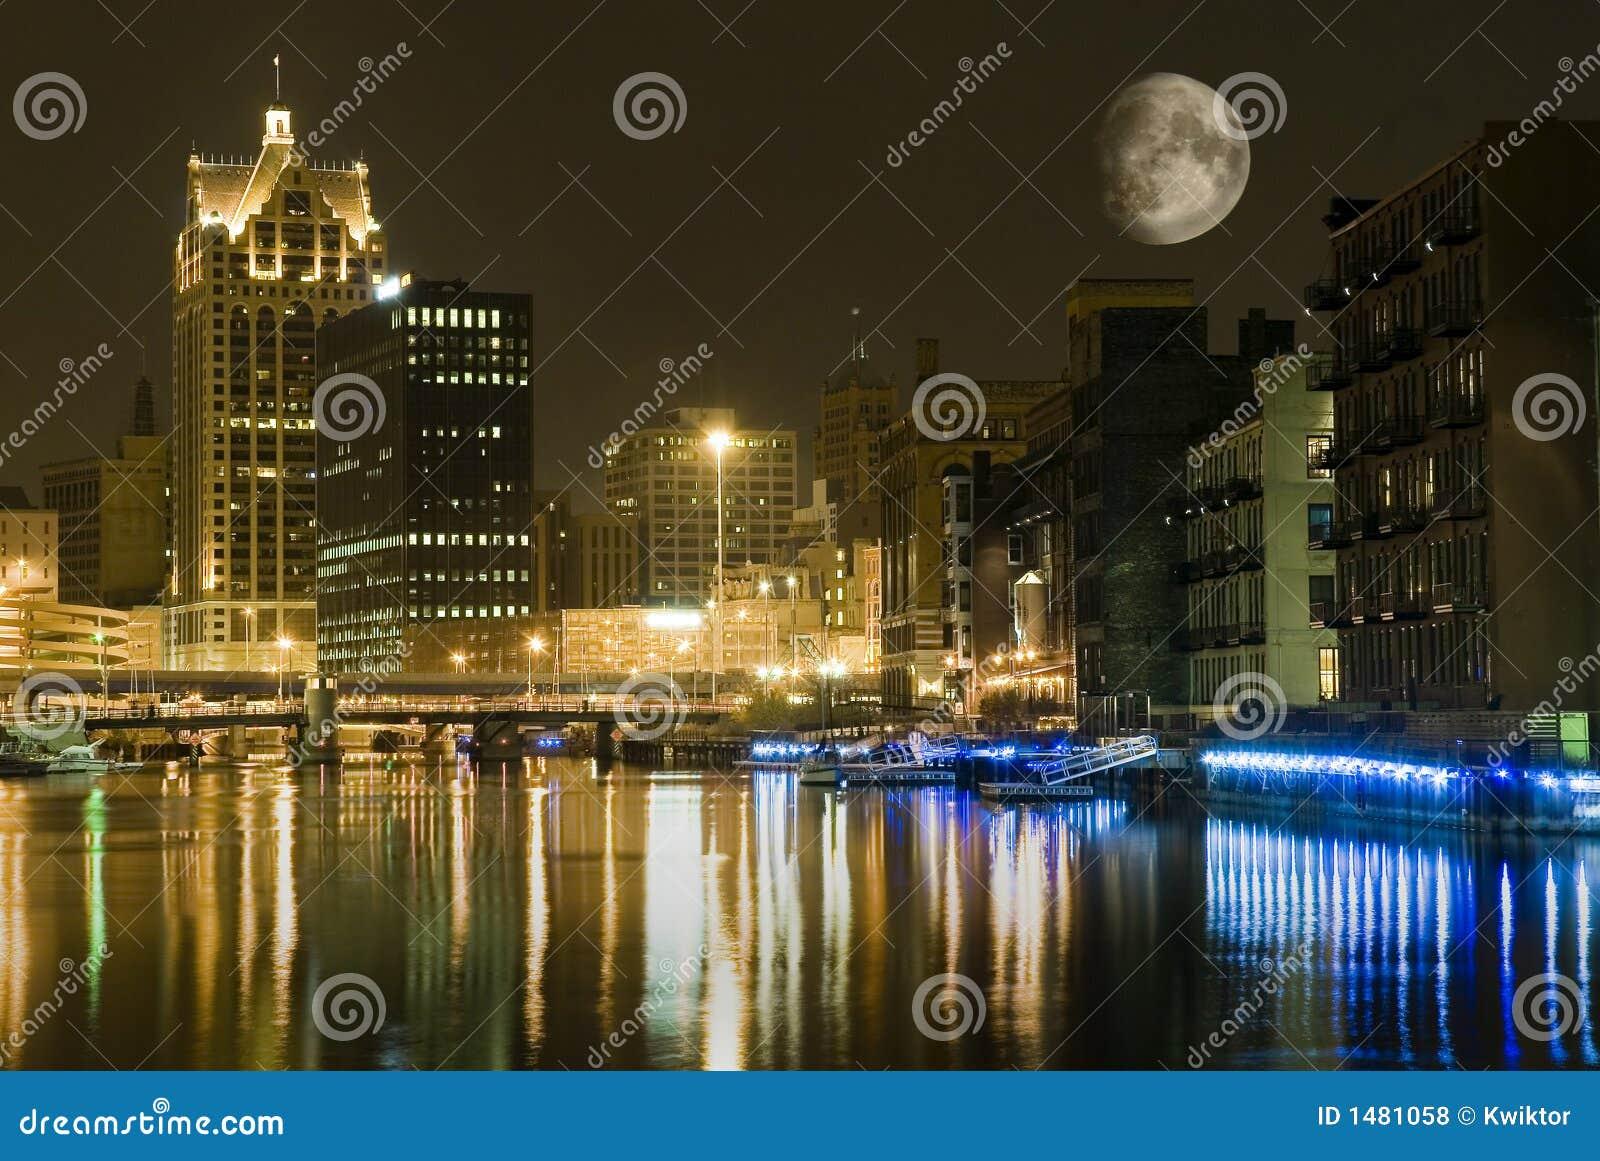 Stadt nachts mit großem Mond